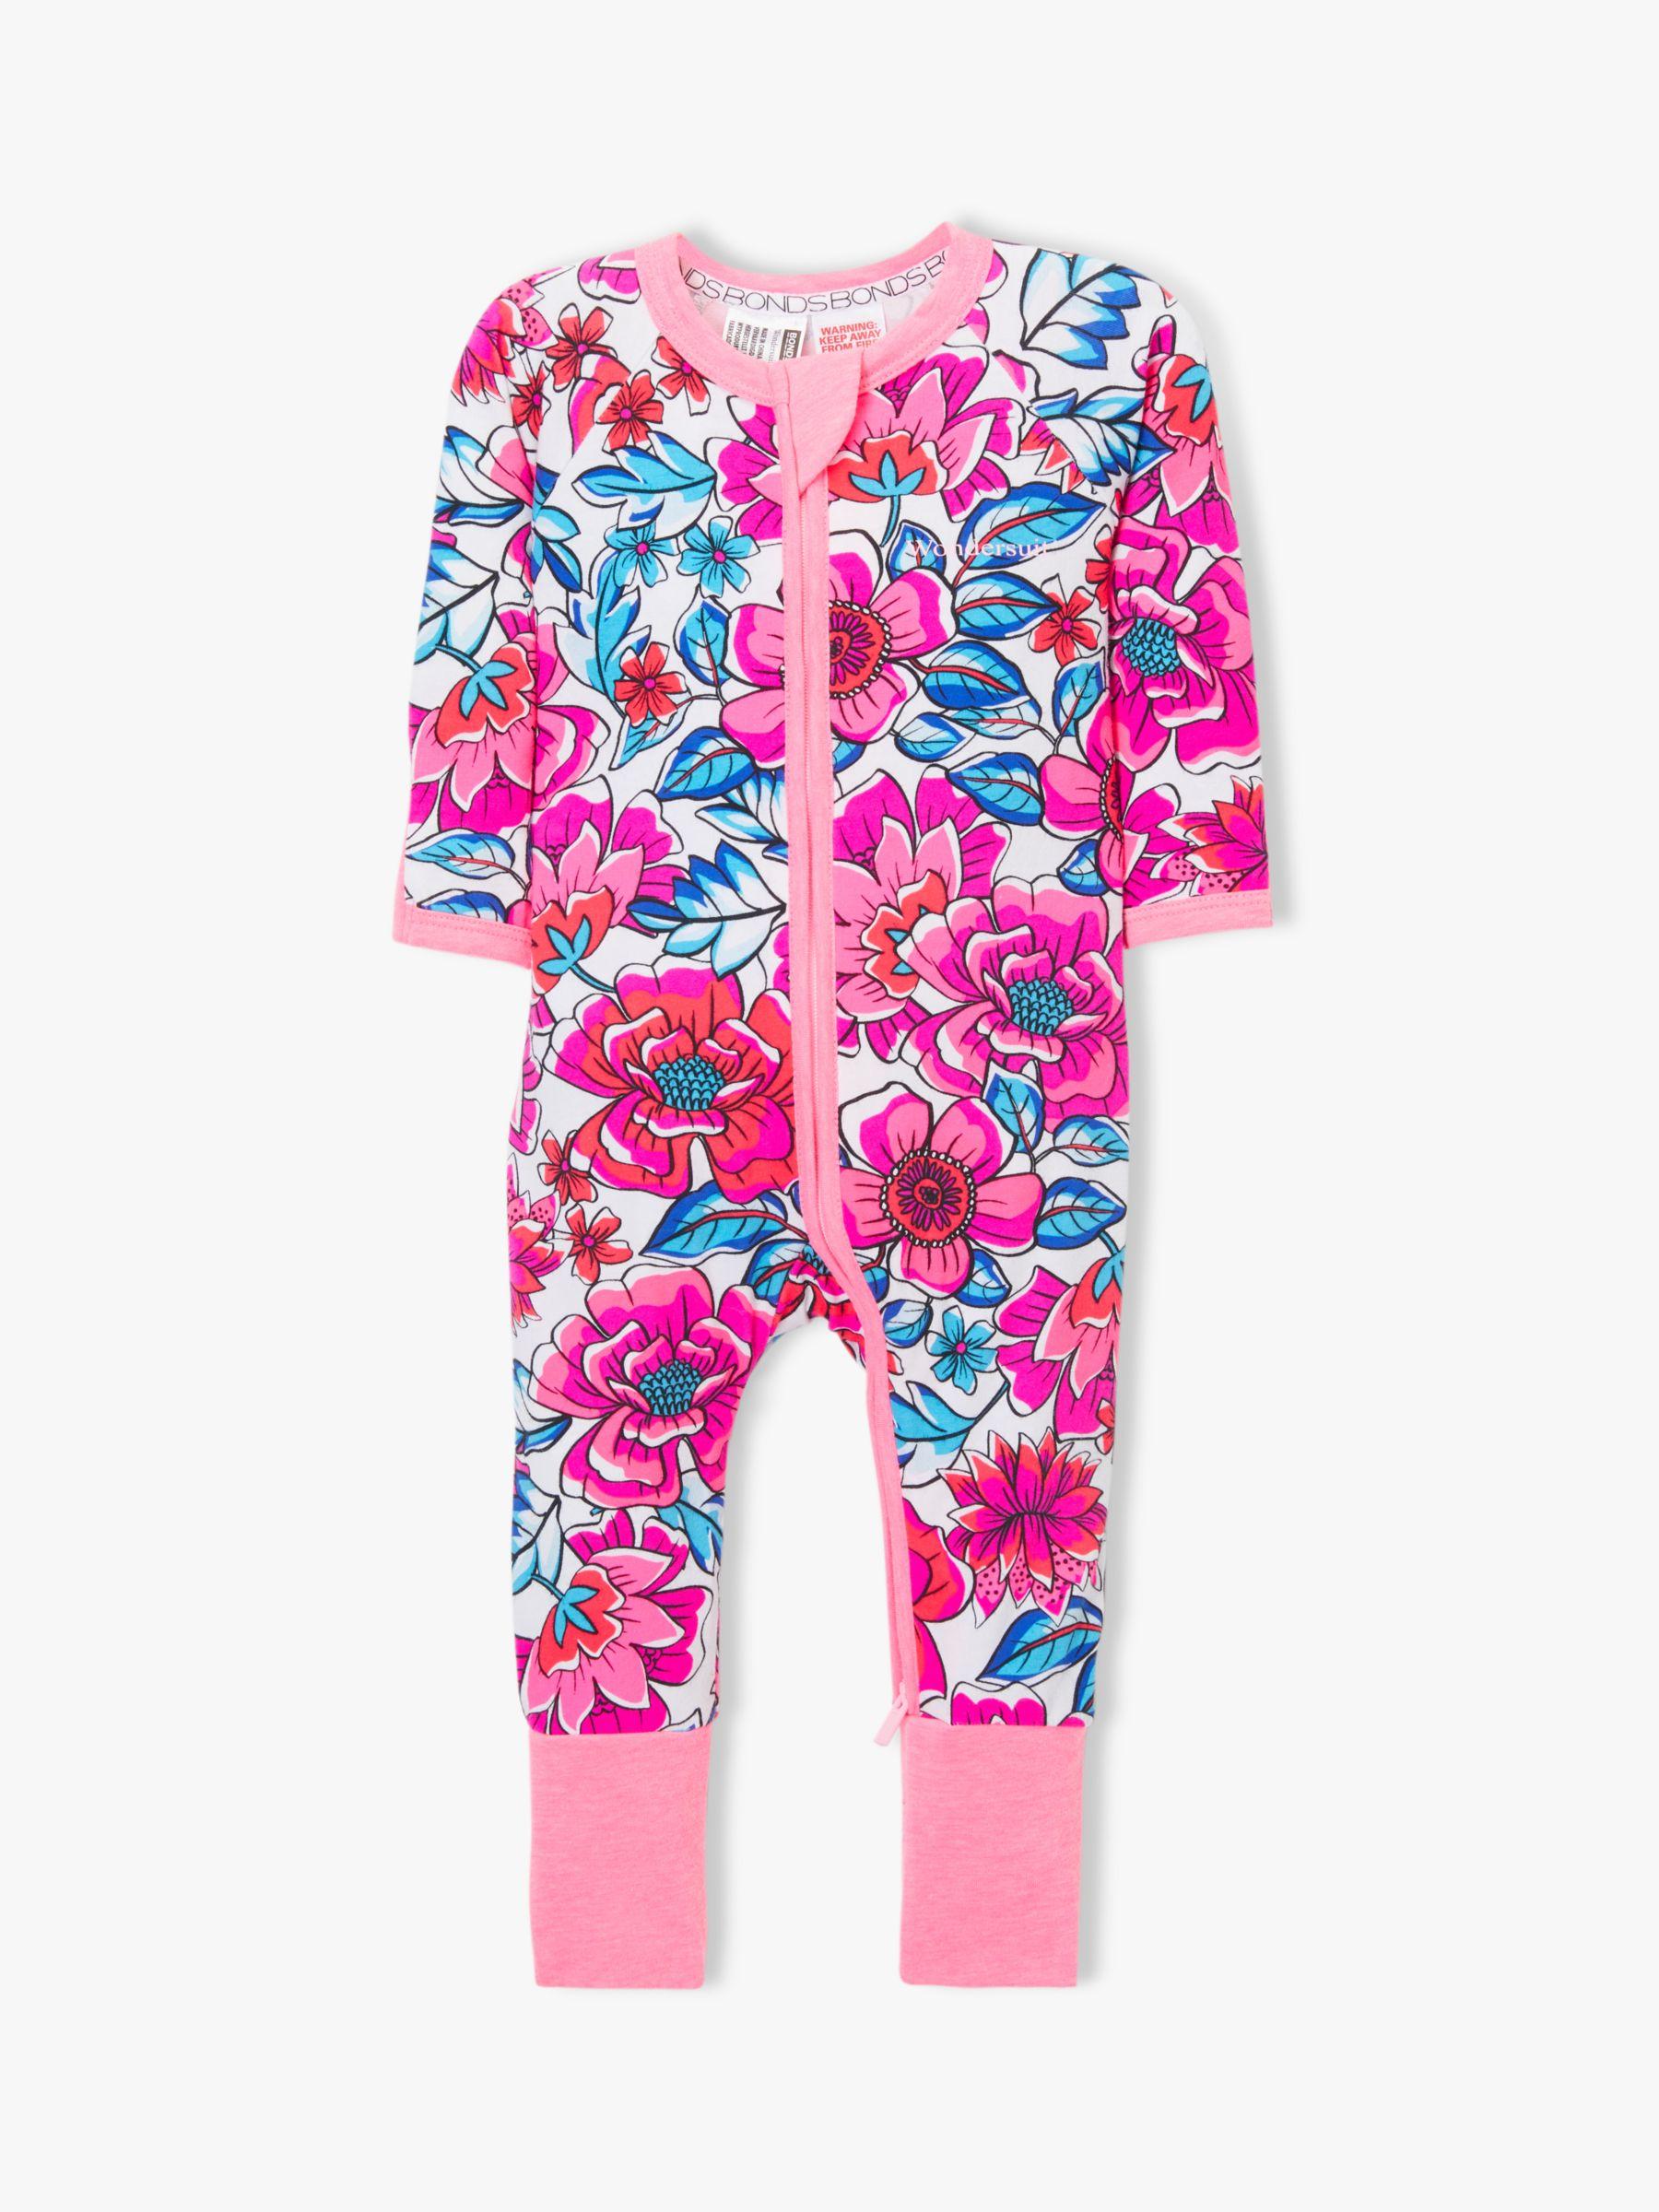 Unisex Clothing (Newborn-4T) Bonds Newborn Baby Stretchies Rib